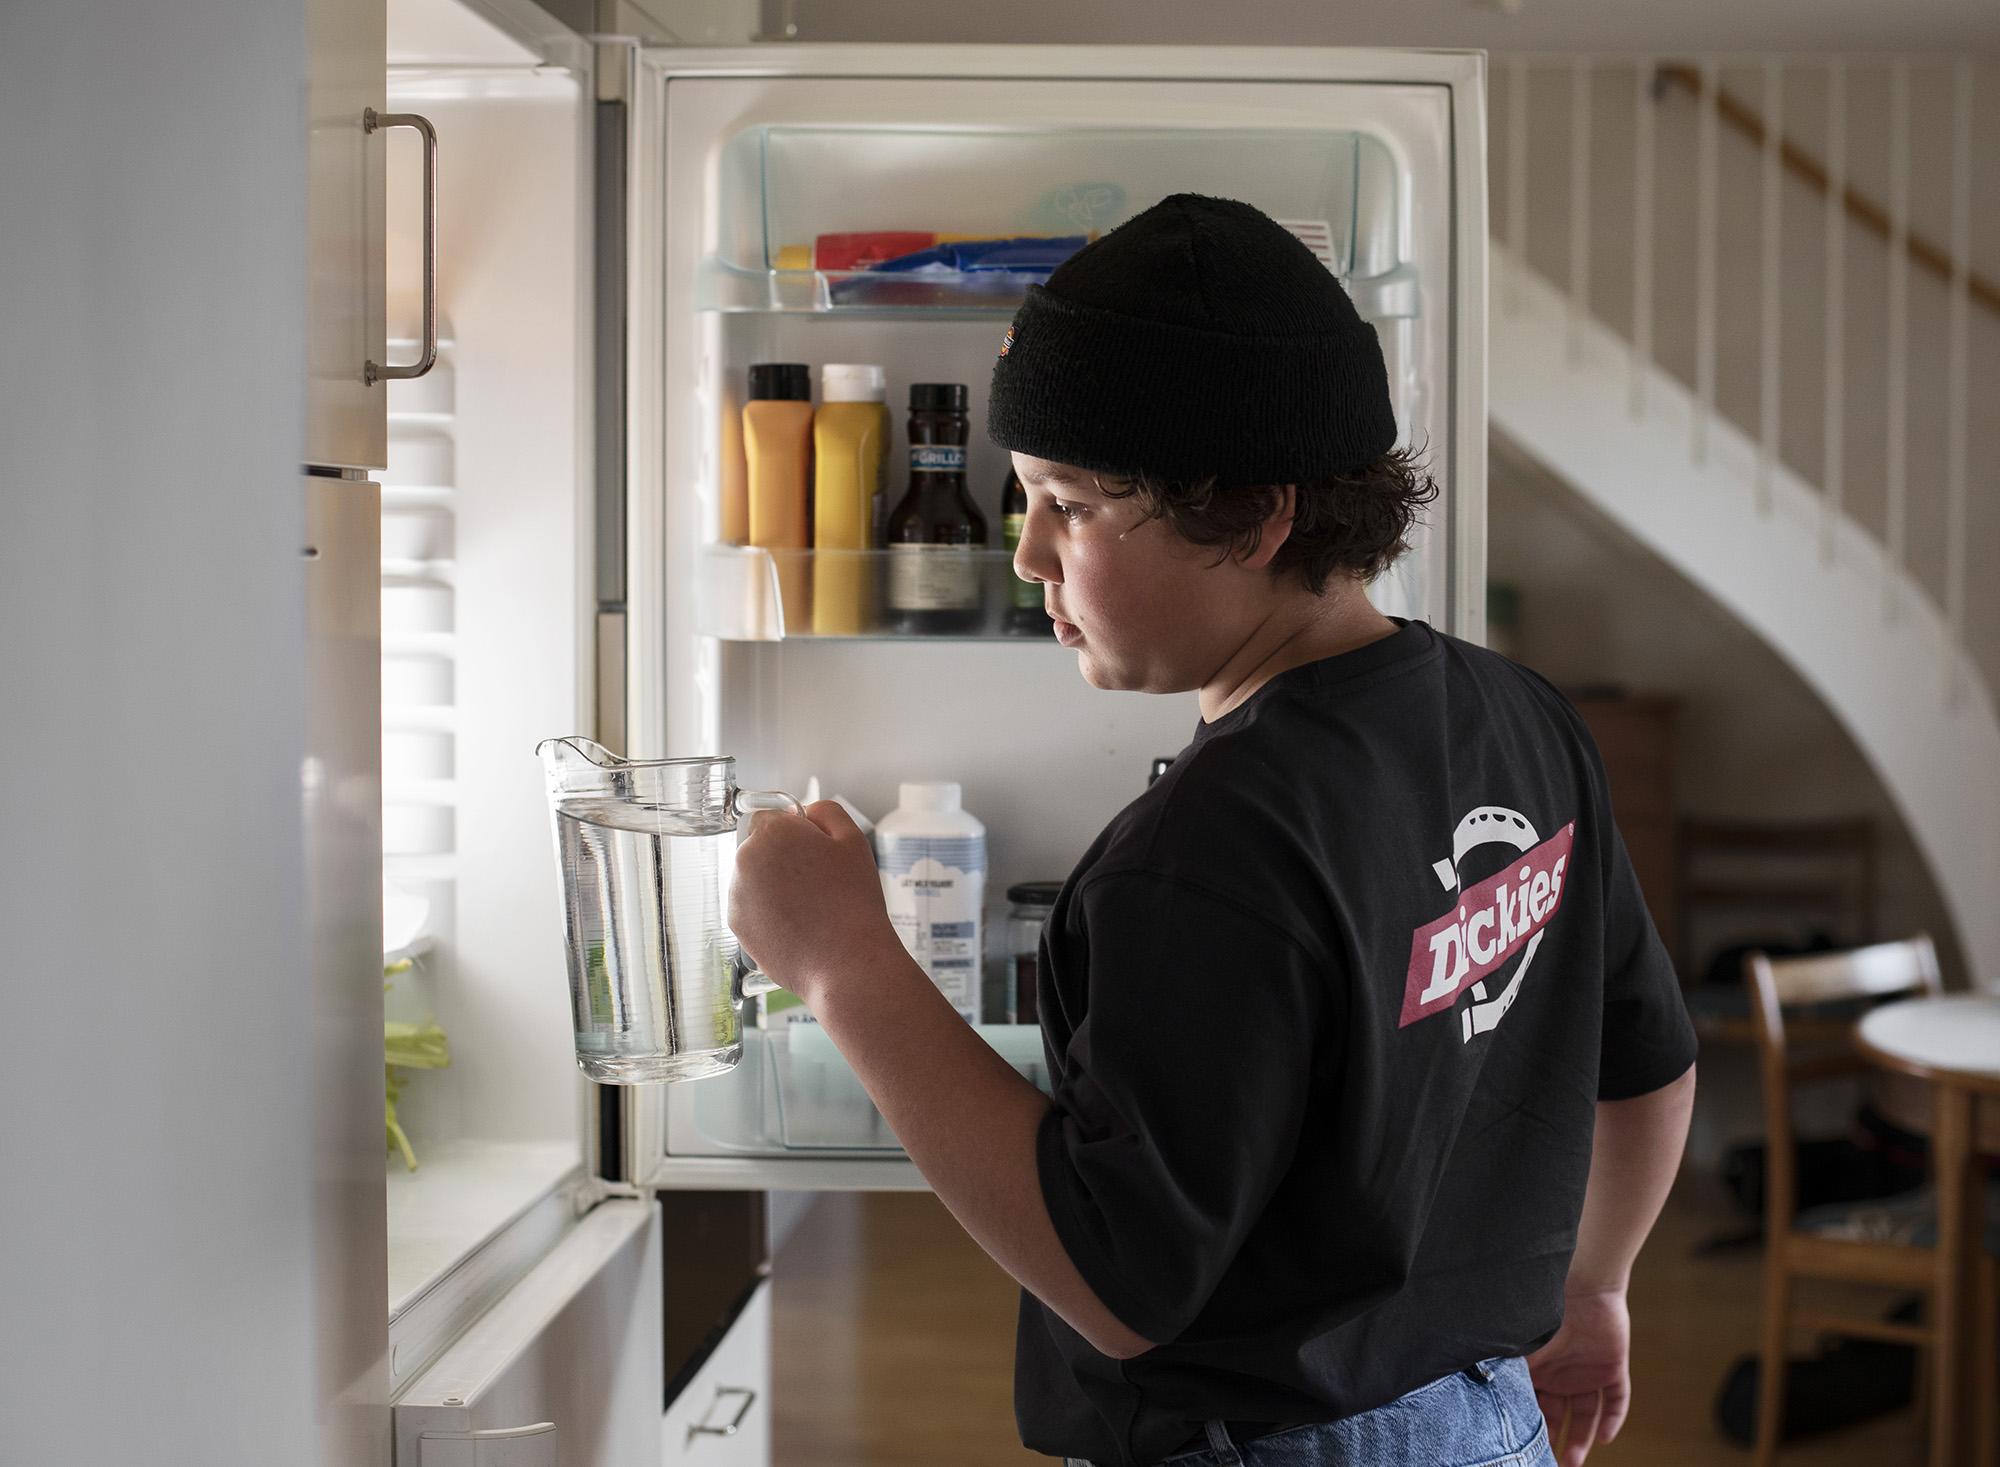 Pojke som har öppnat en kylskåpsdörr och ställer in en karaff med vatten